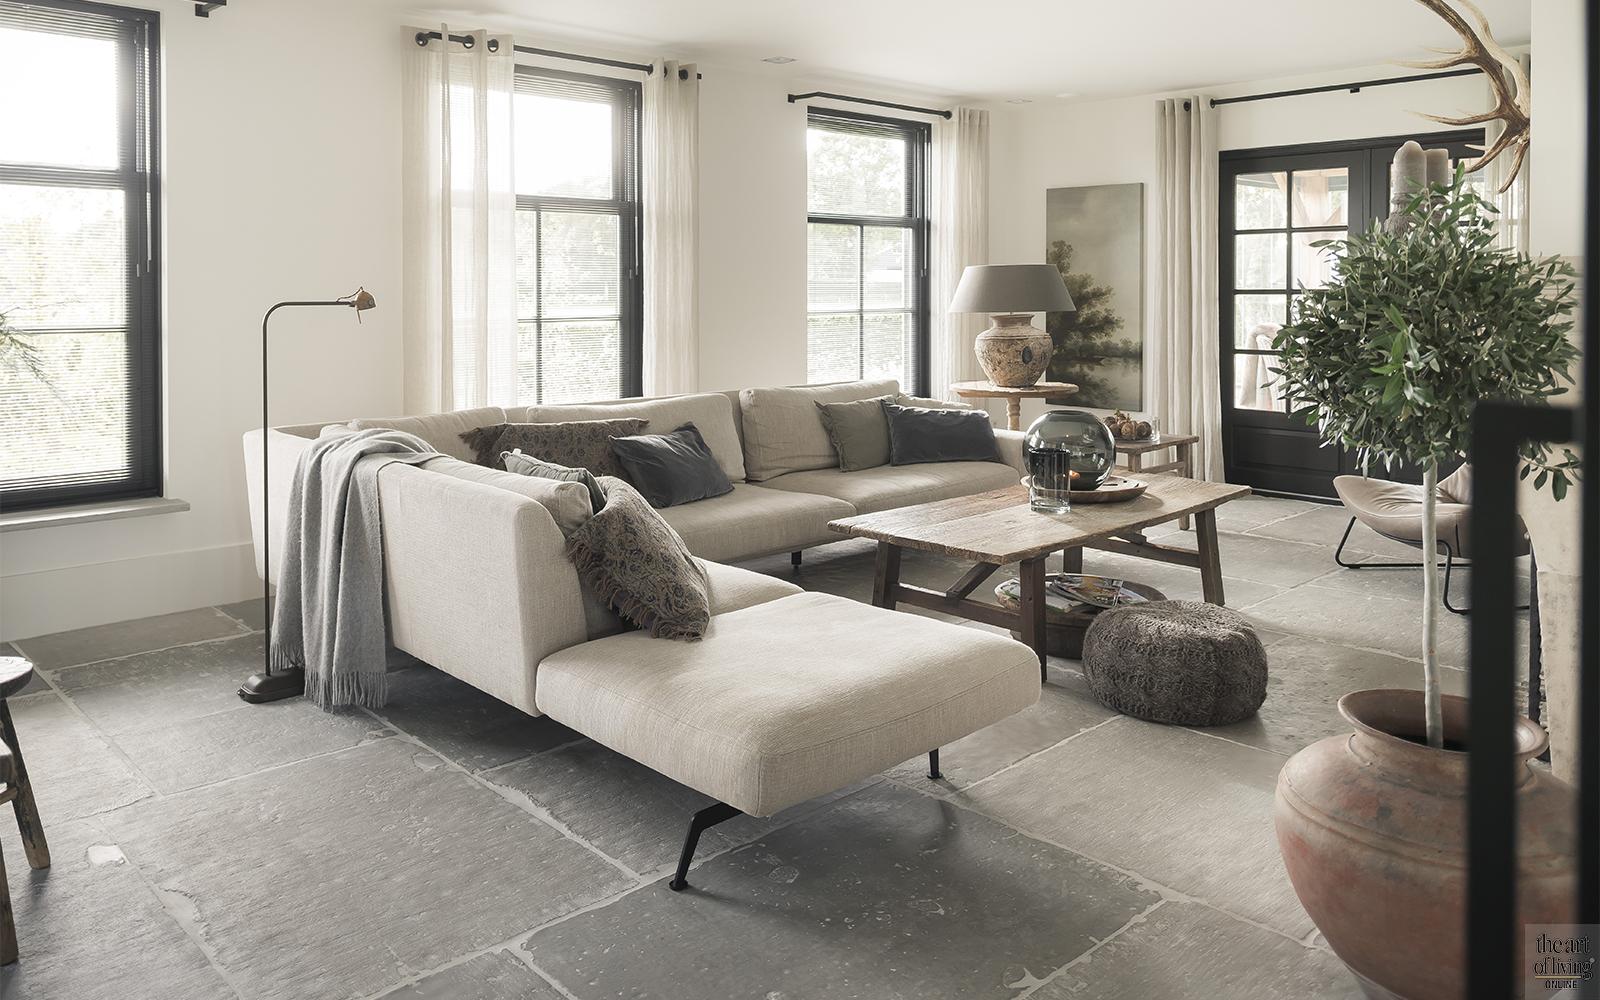 Vloeren inspiratie, tegelvloer, tegels, visgraatvloer, leren vloer, alphenberg, gietvloer, betonlook vloer, Natuurstenen vloer, Natuursteen, Raw Stones, DRT Gietvloeren